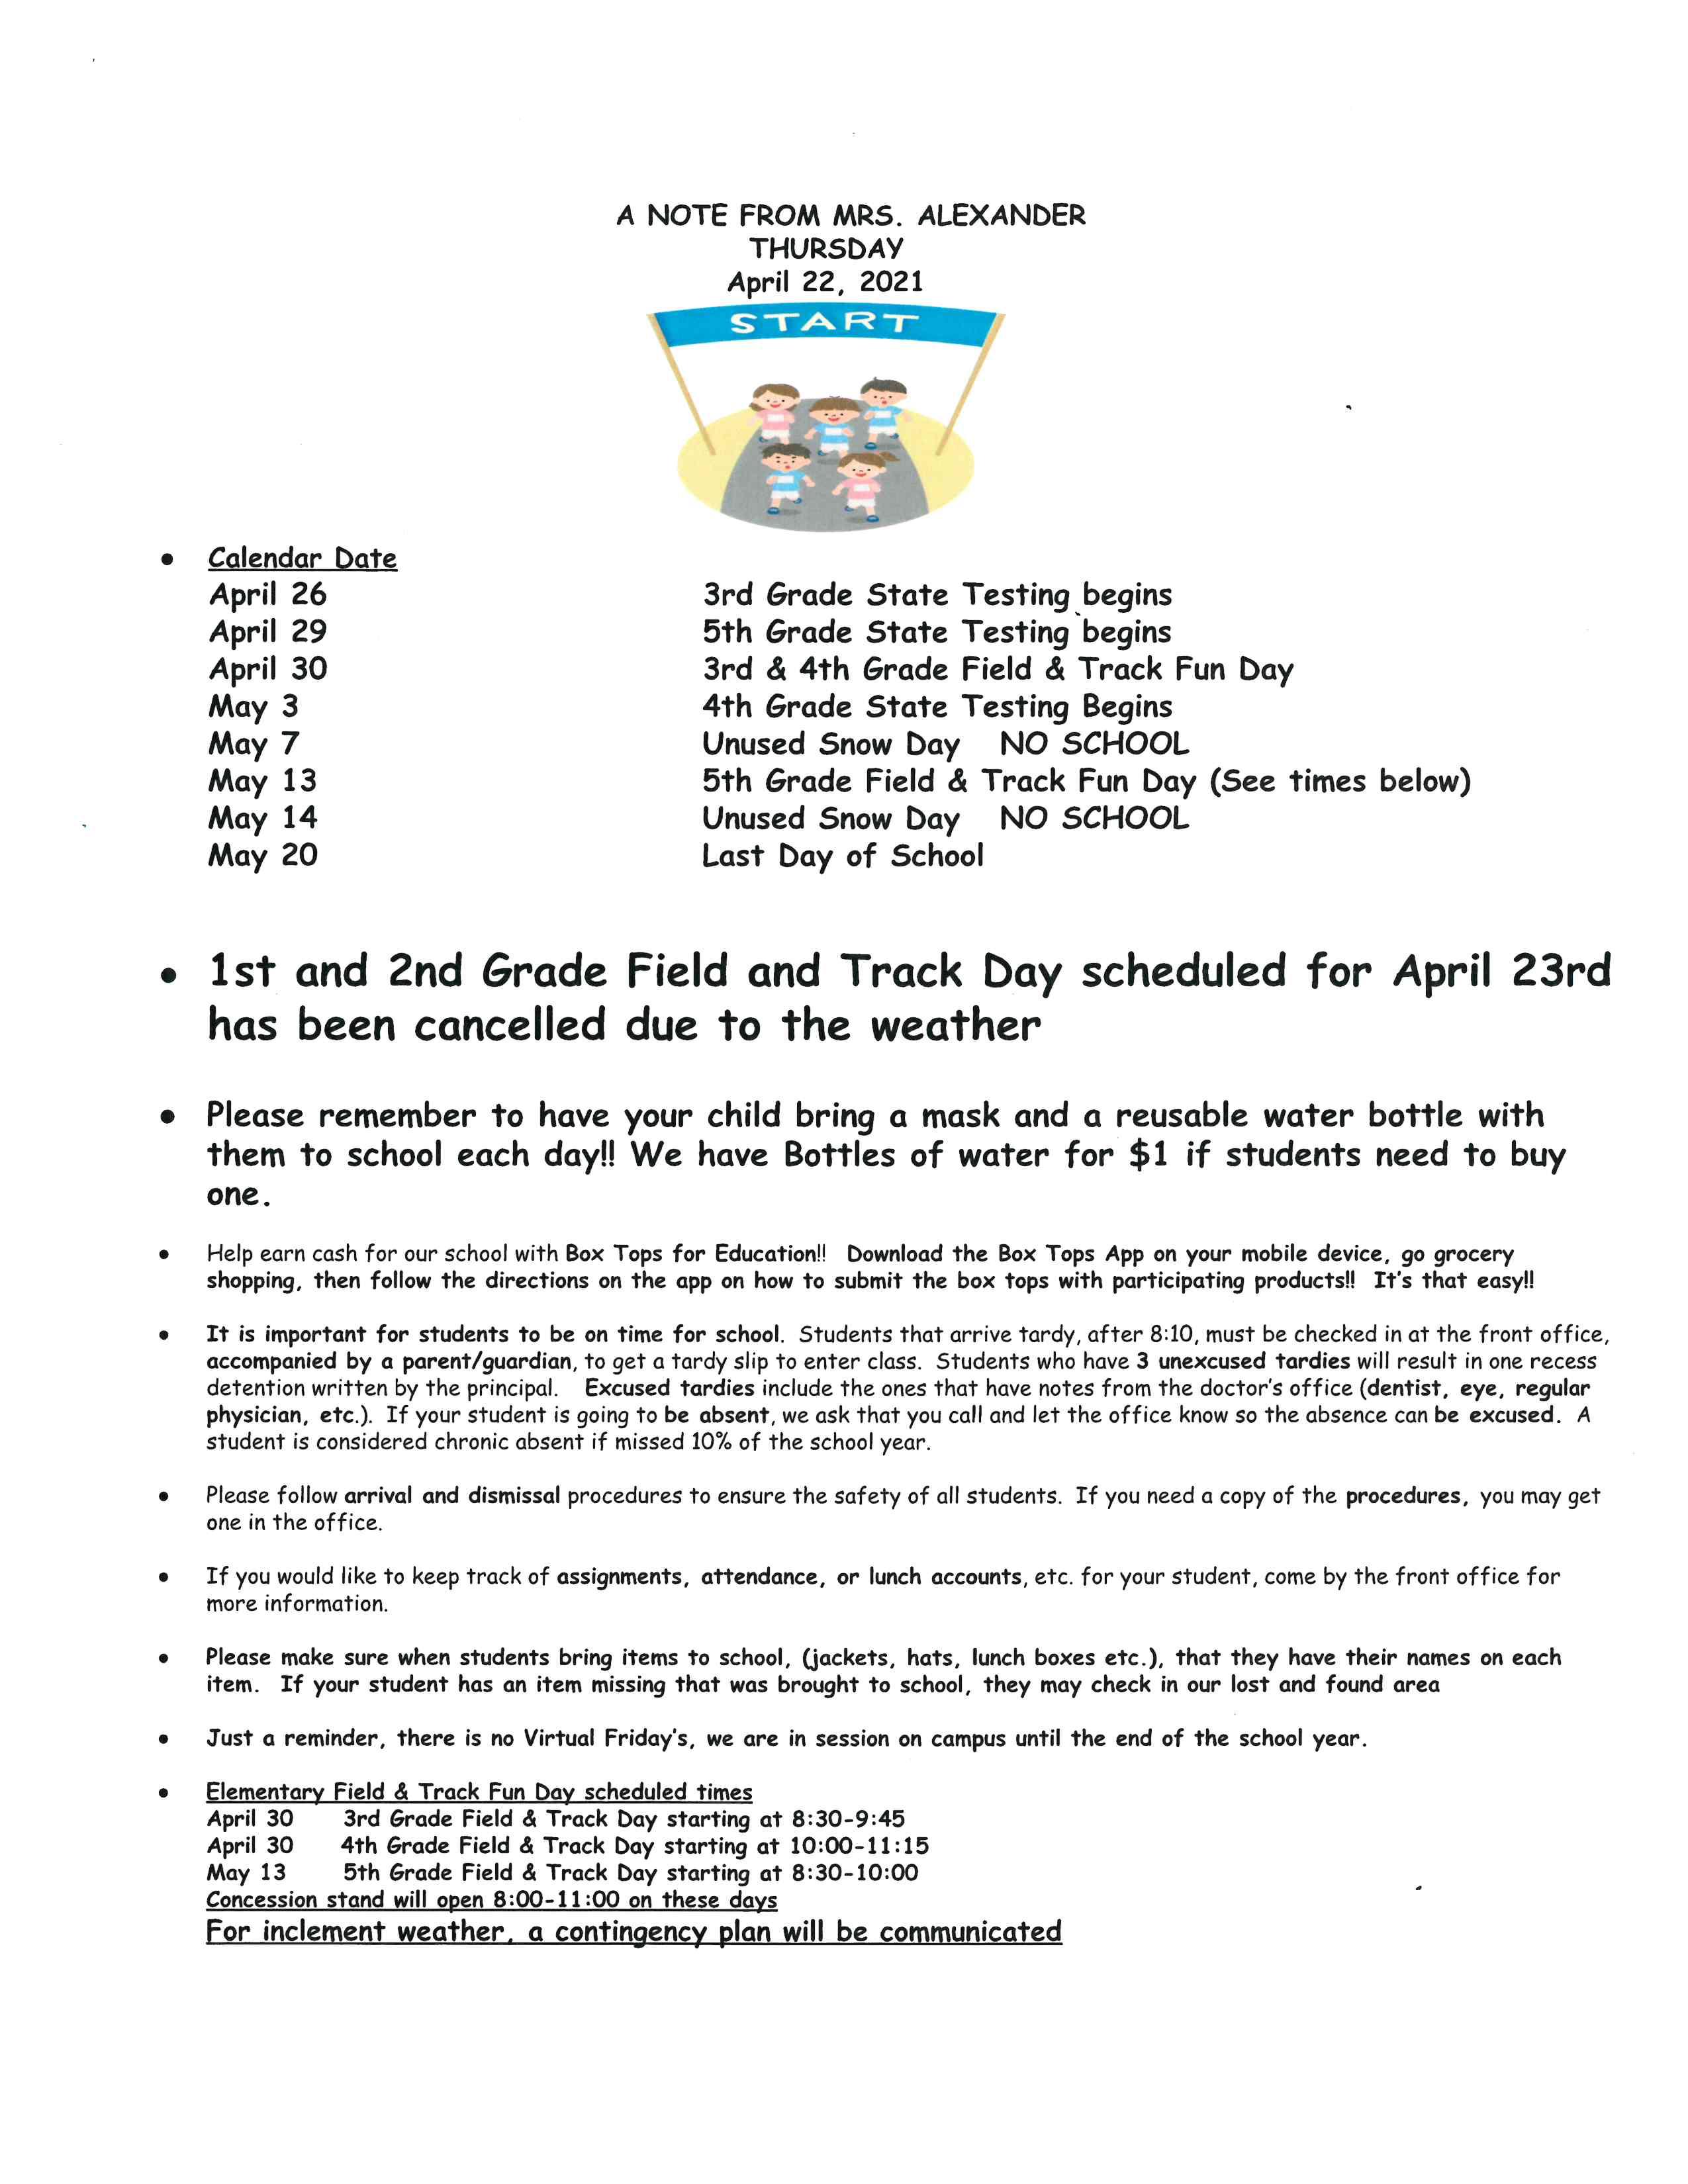 Thursday Folder Note